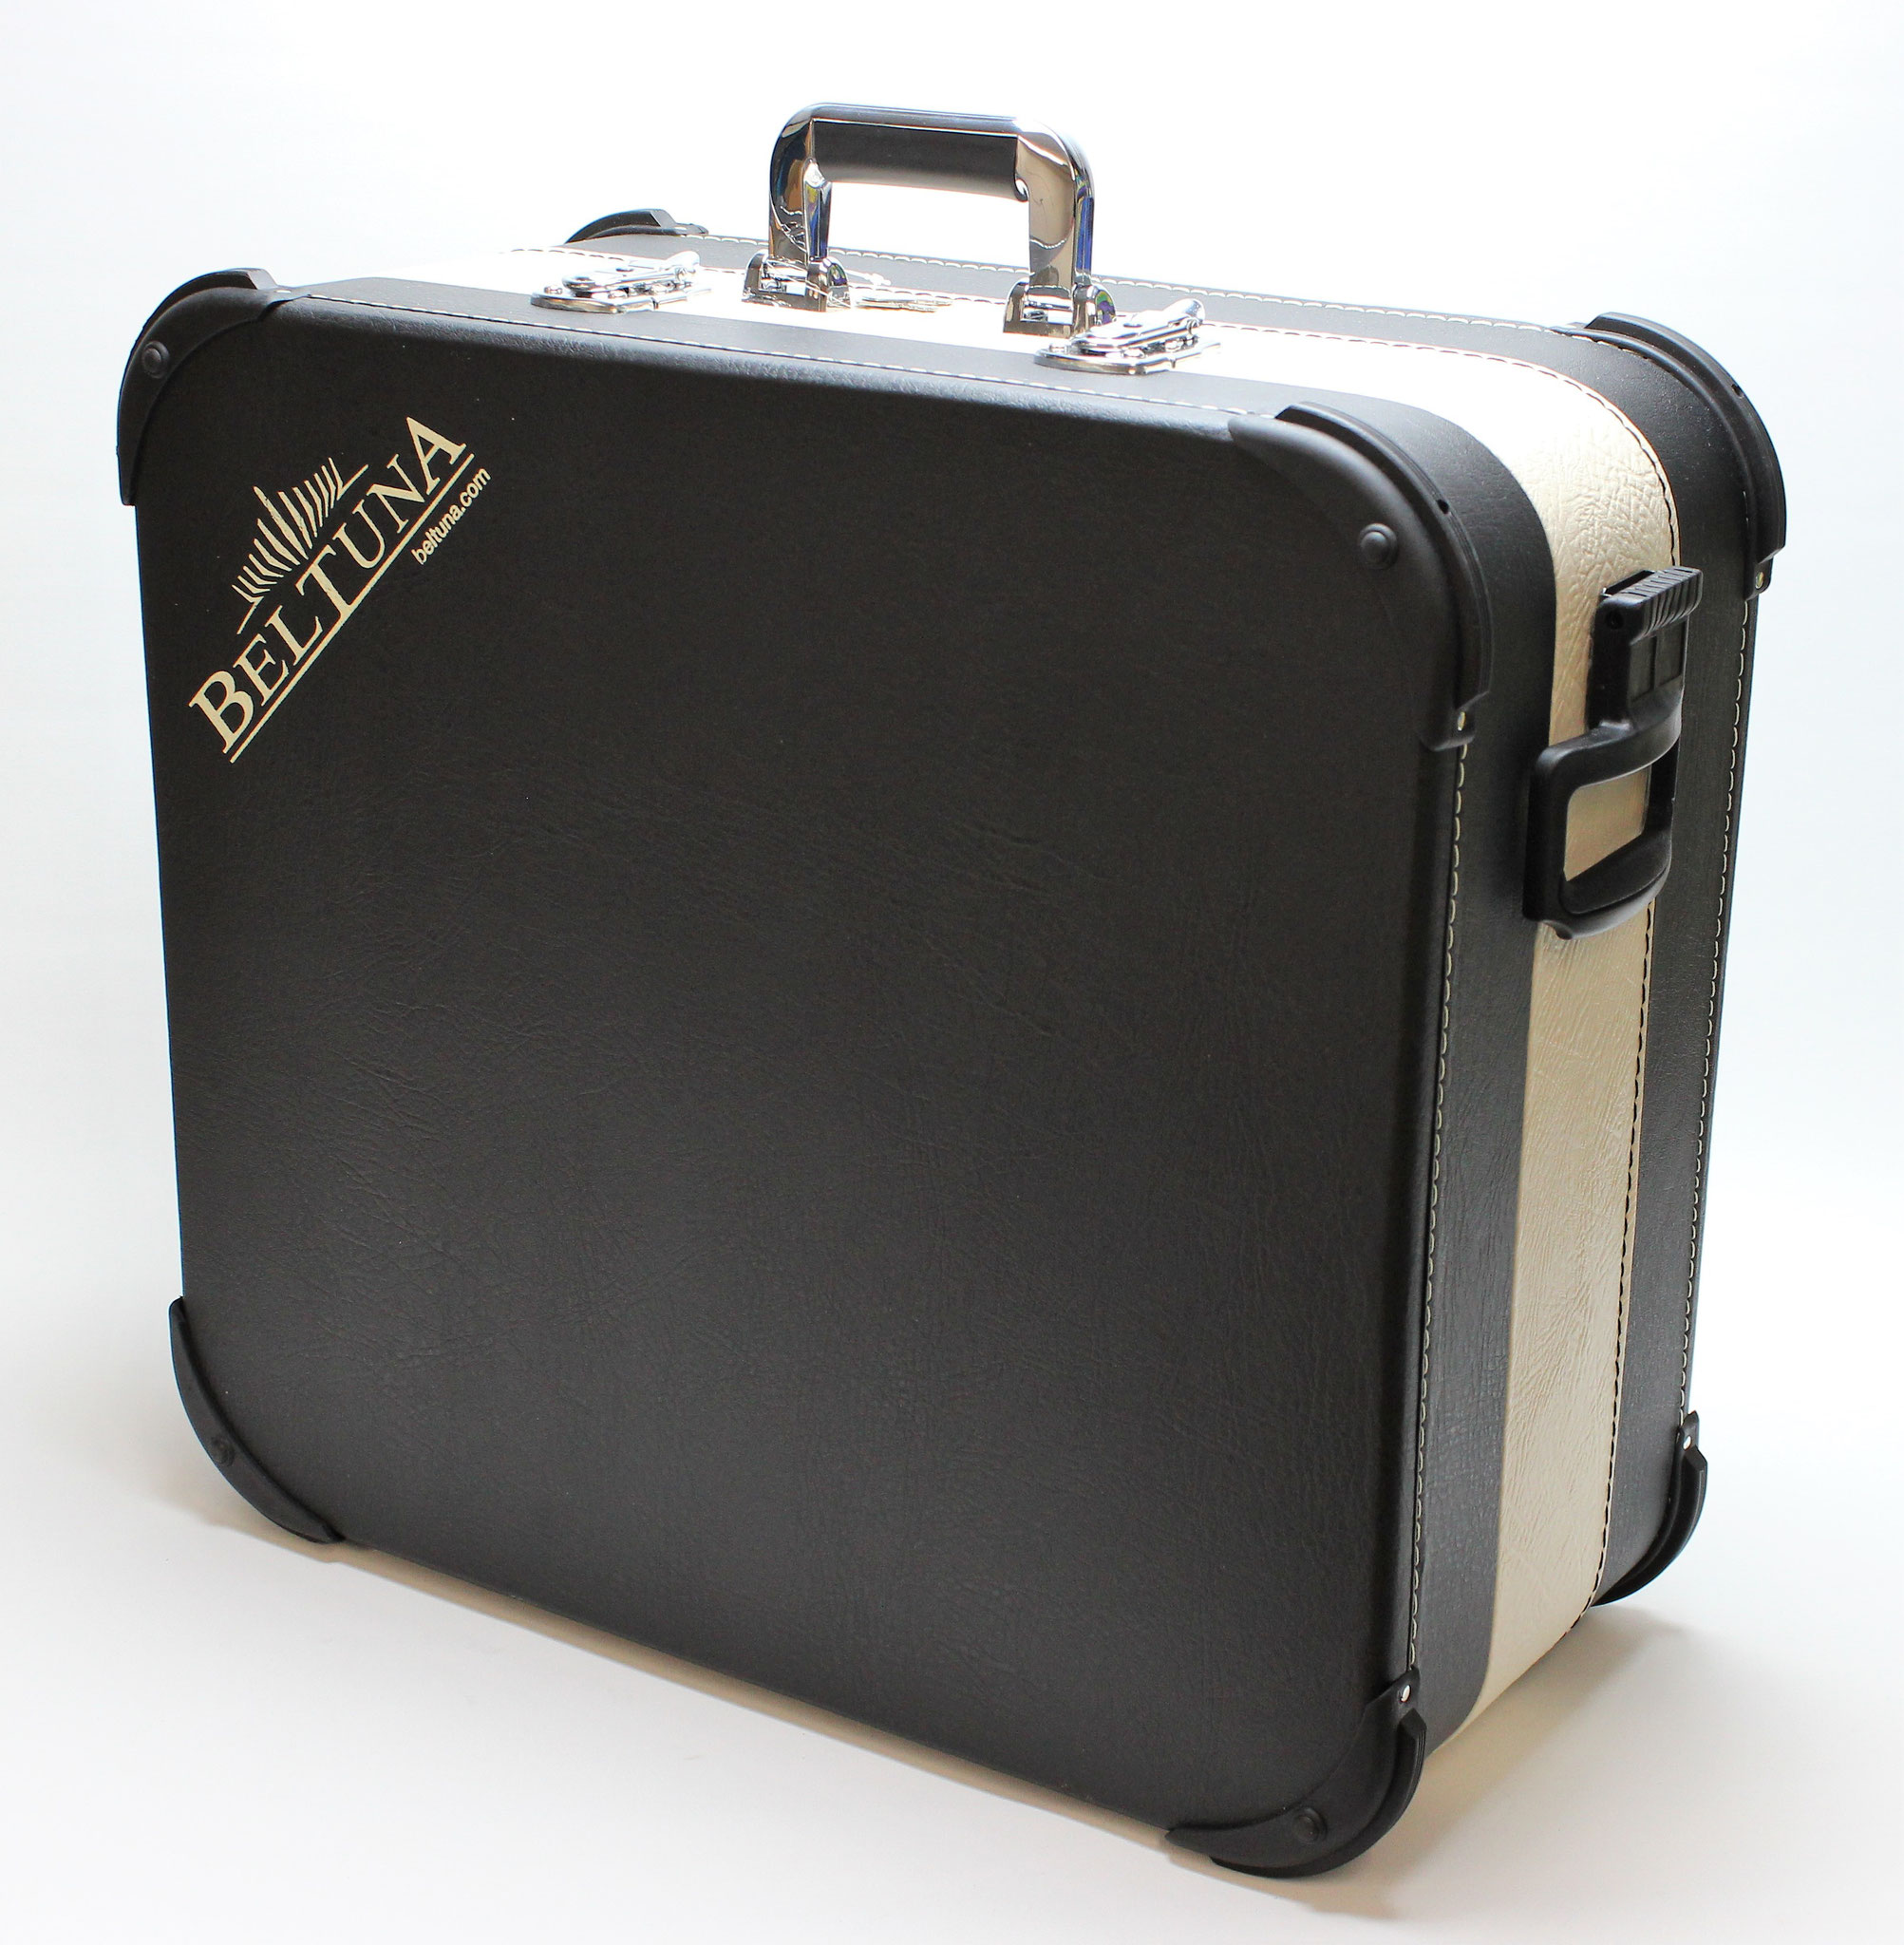 Beltuna Prestige V 120 Compact, sunburst